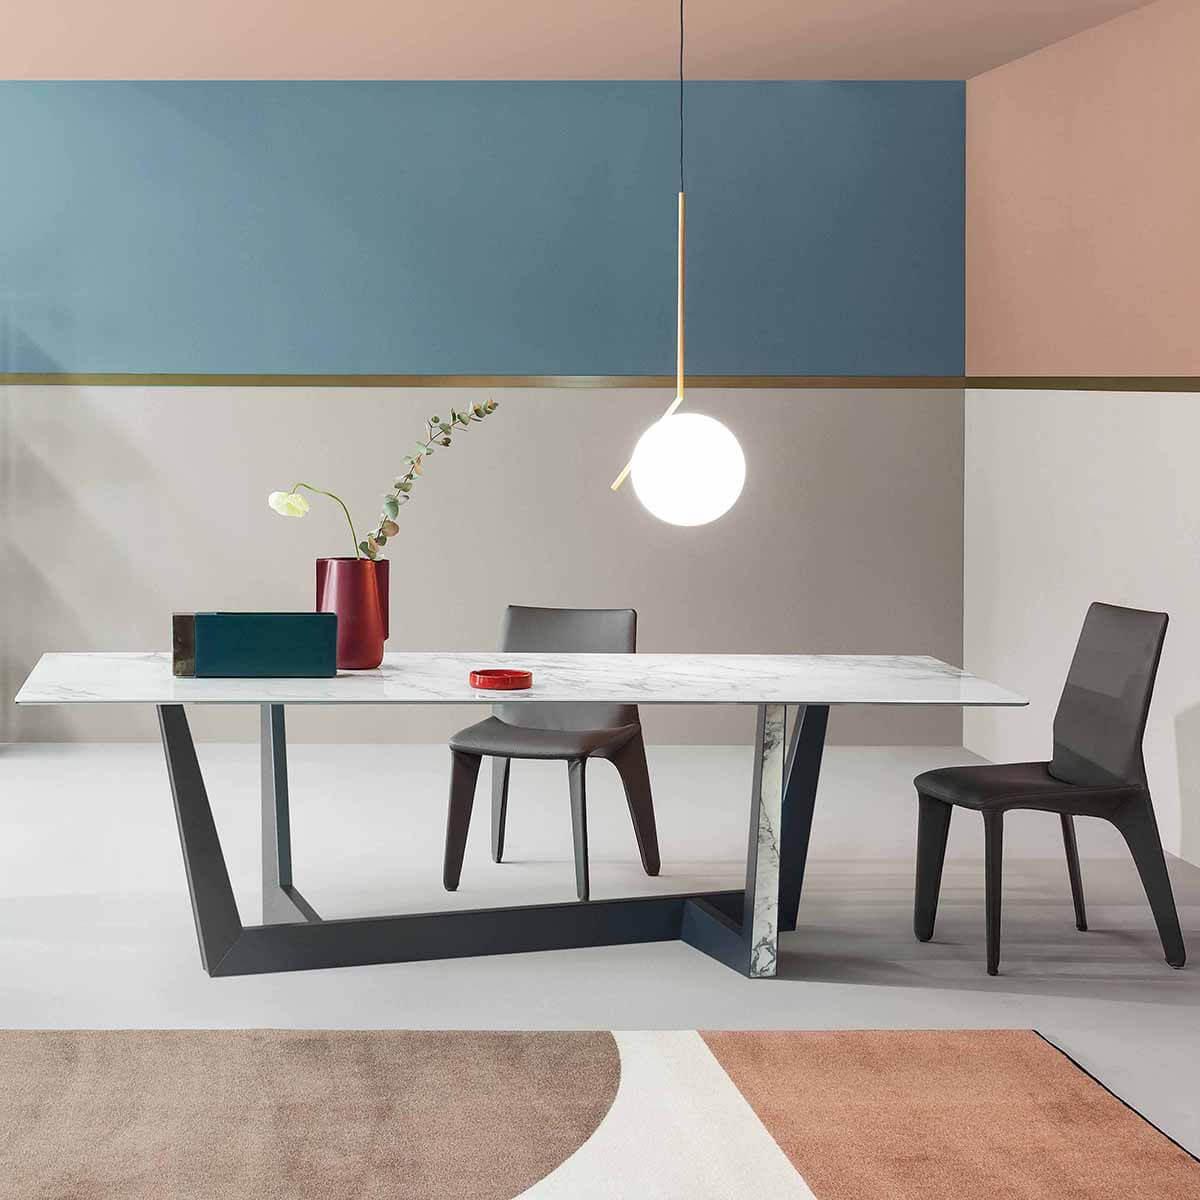 Трапезна маса Art от Bonaldo, Италия